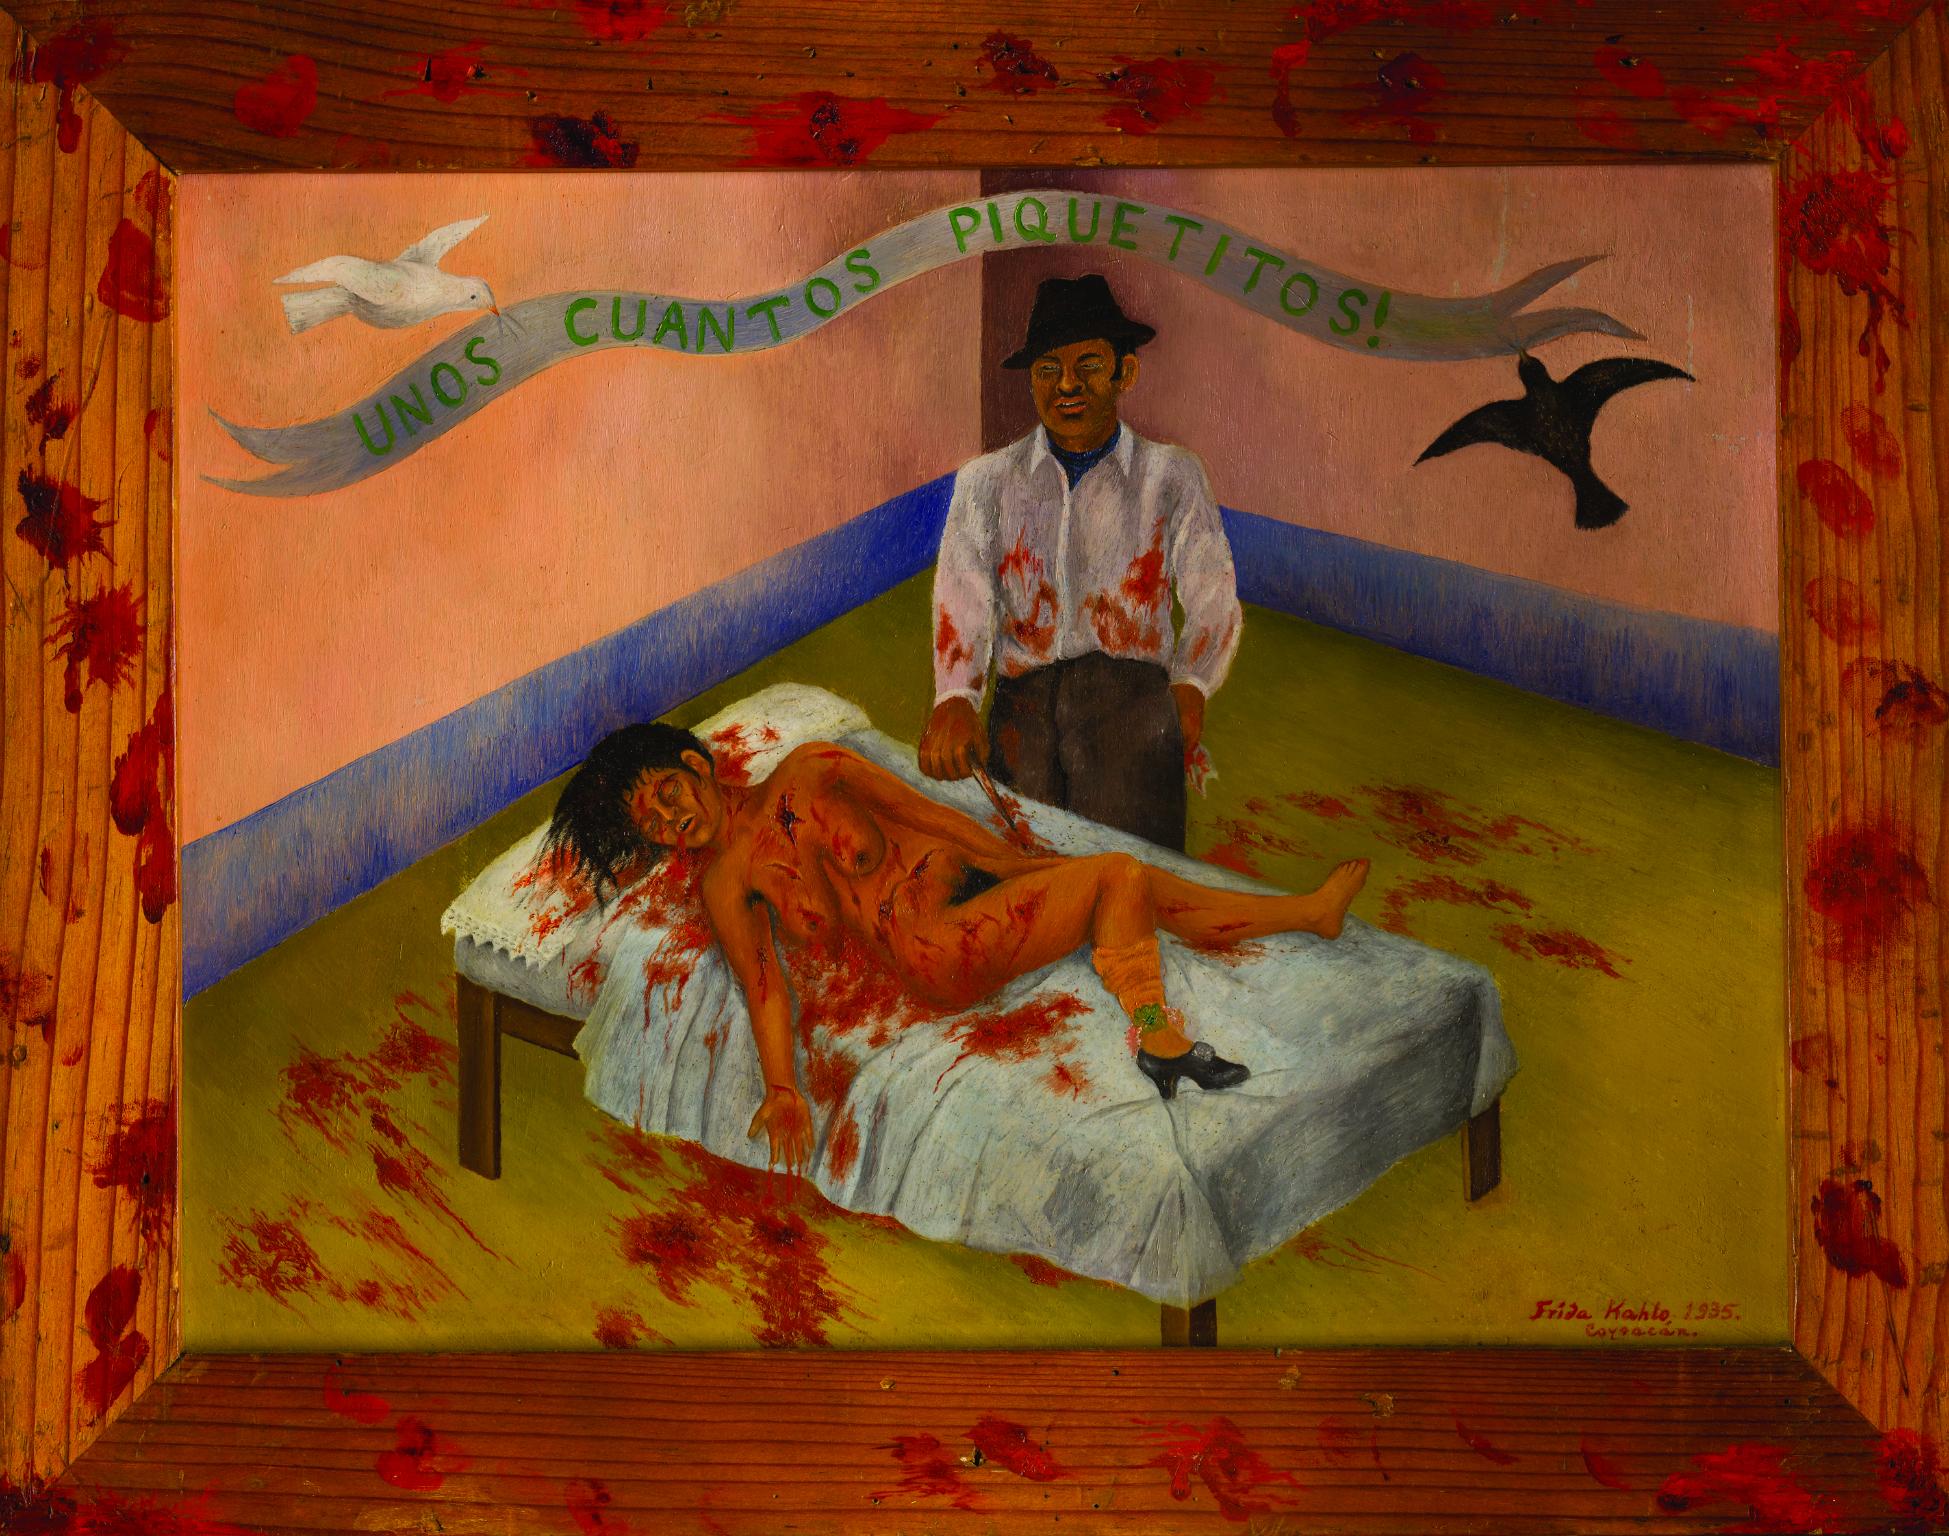 Unos cuantos piquetitos, Frida Kahlo